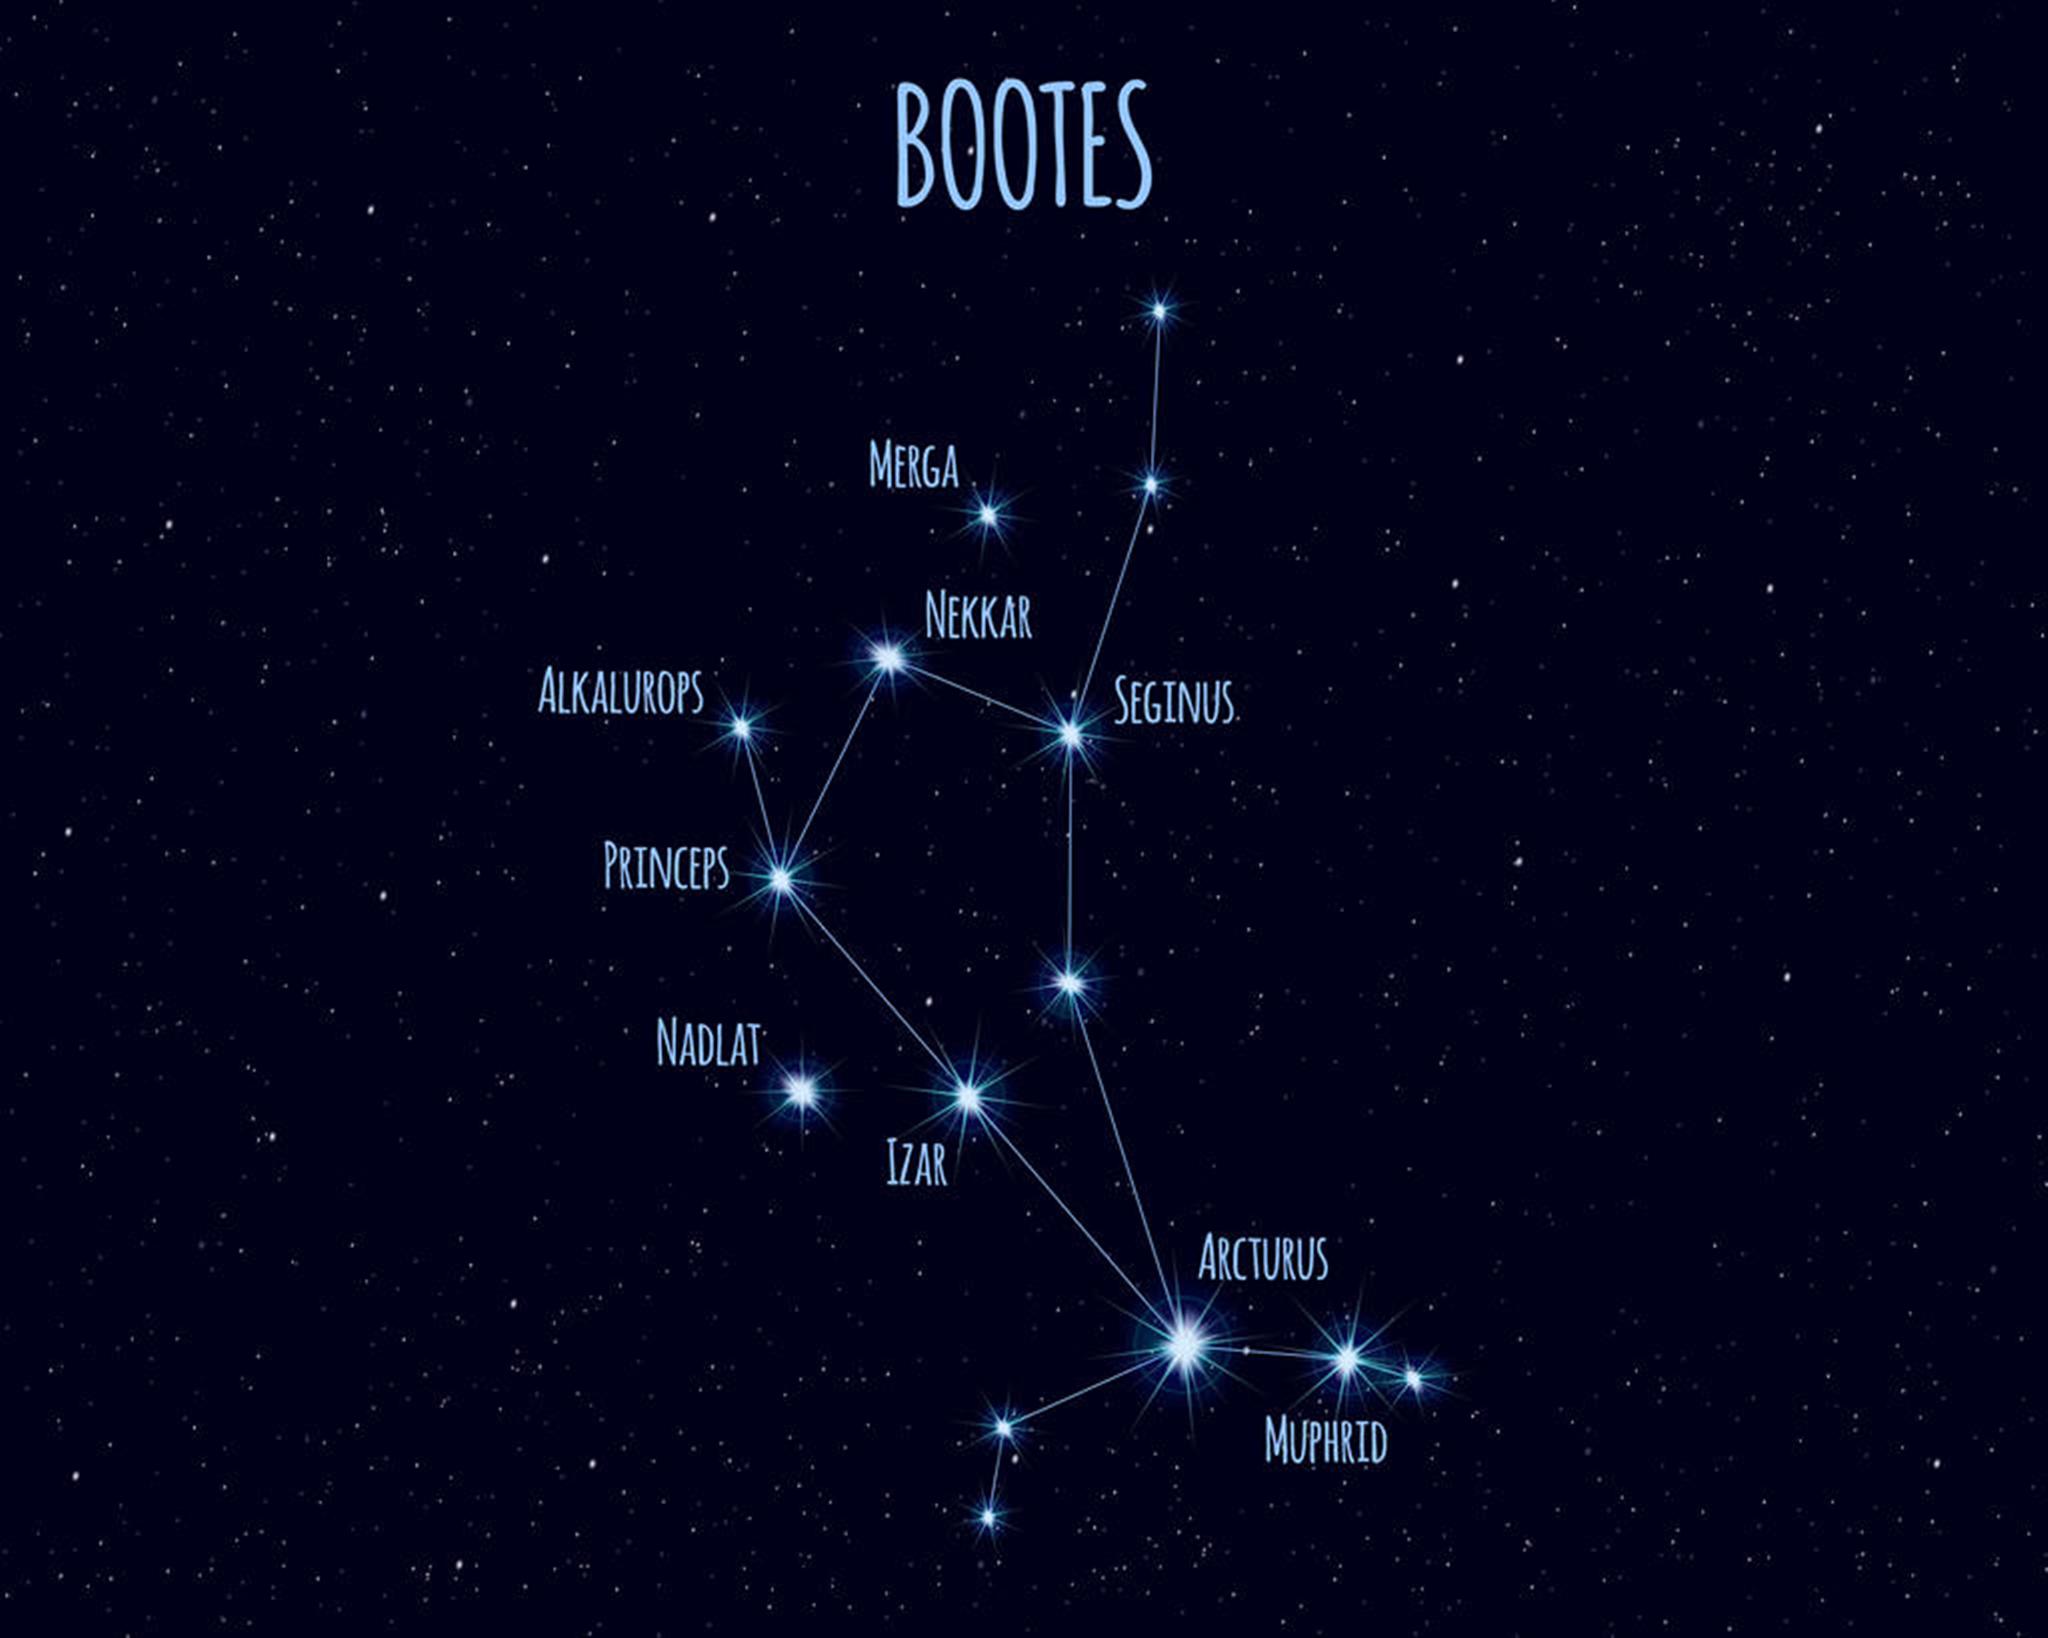 三大天才星座 12个星座谁最聪明